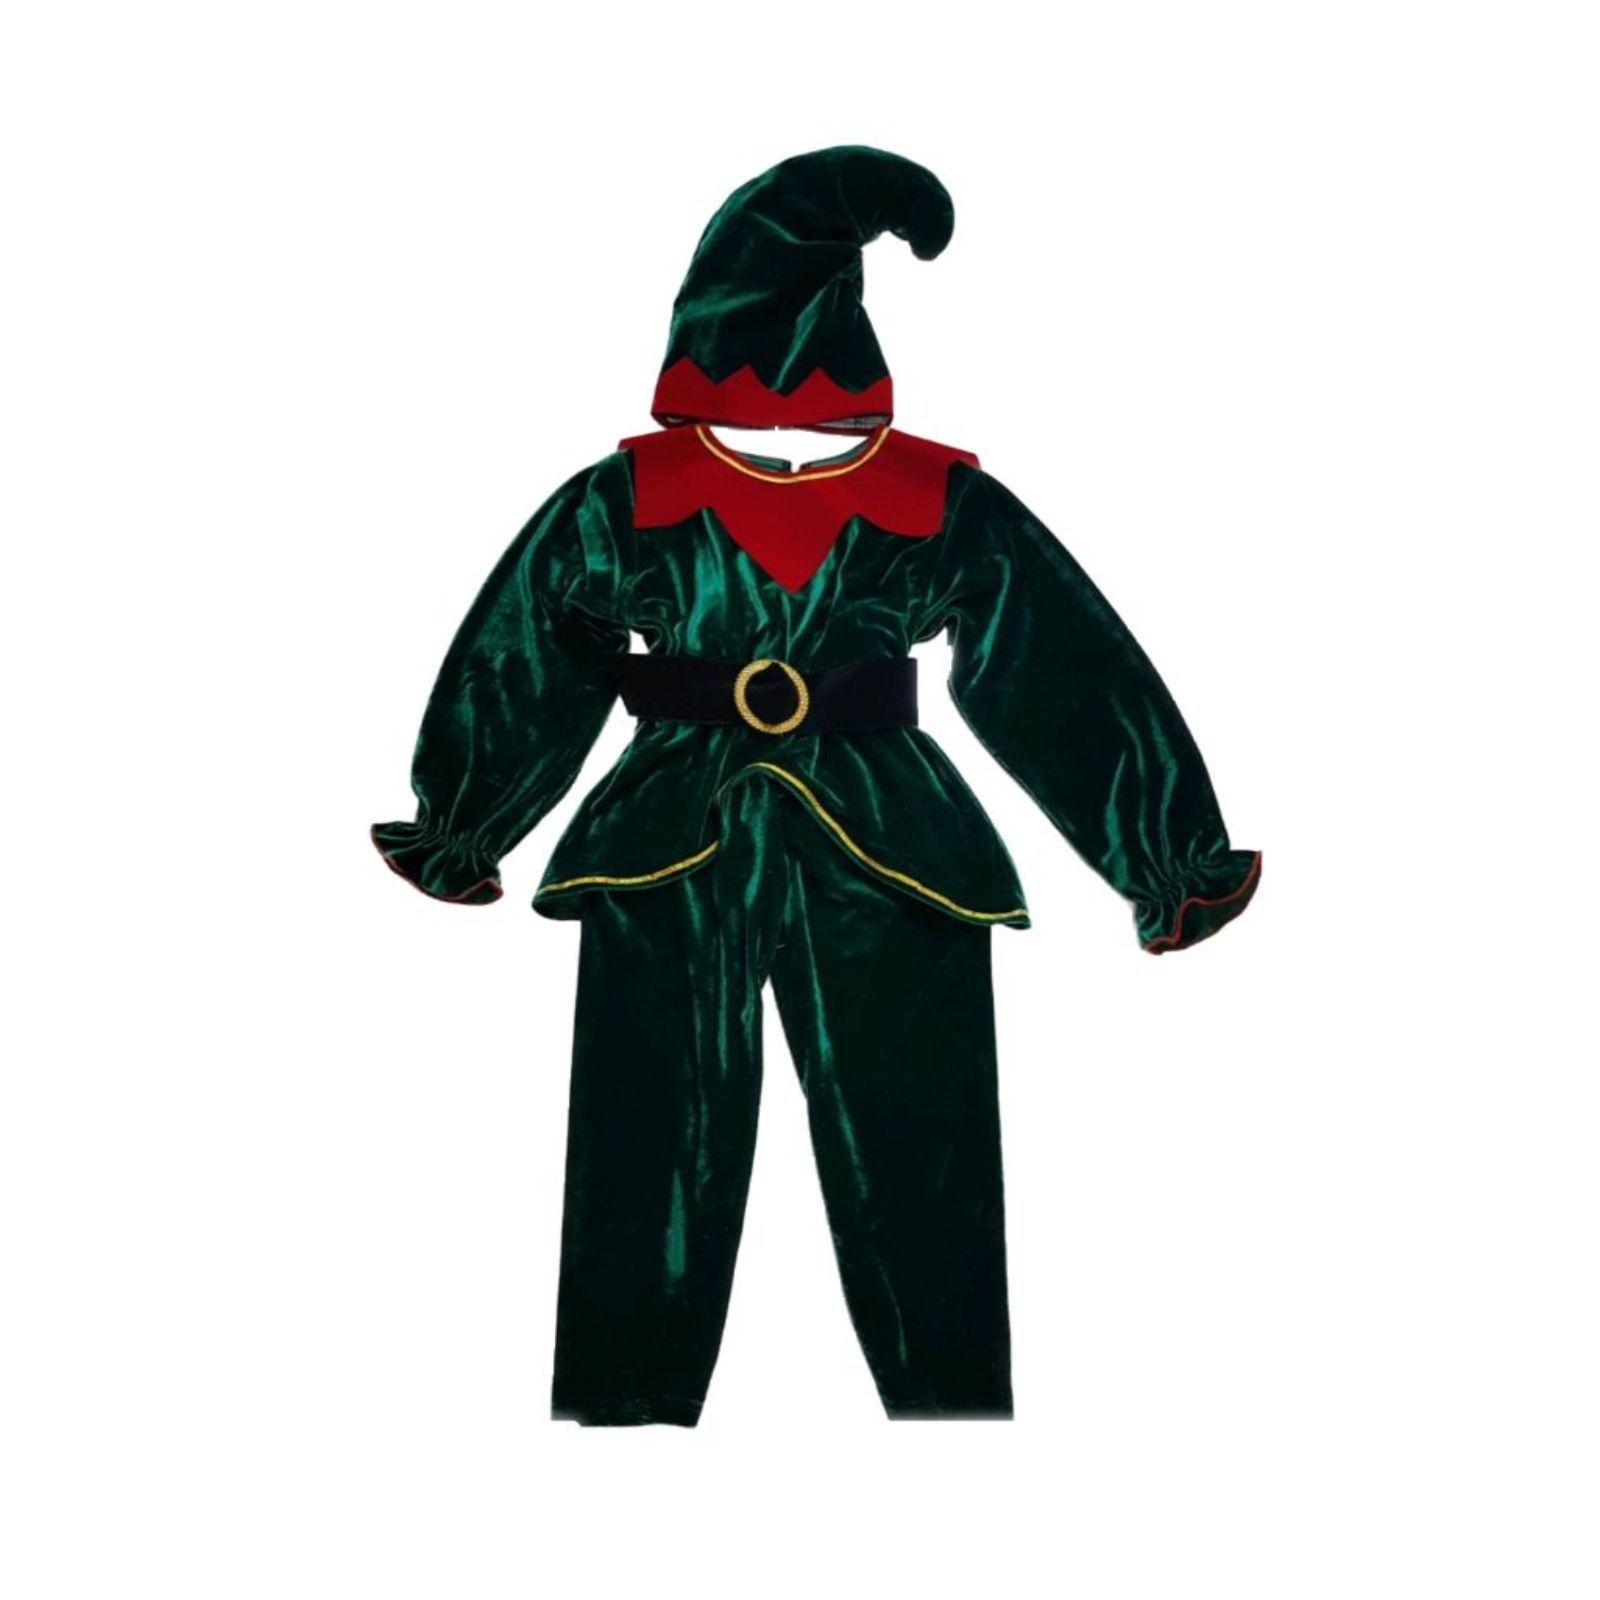 Costum Spiridus / Elf catifea 1